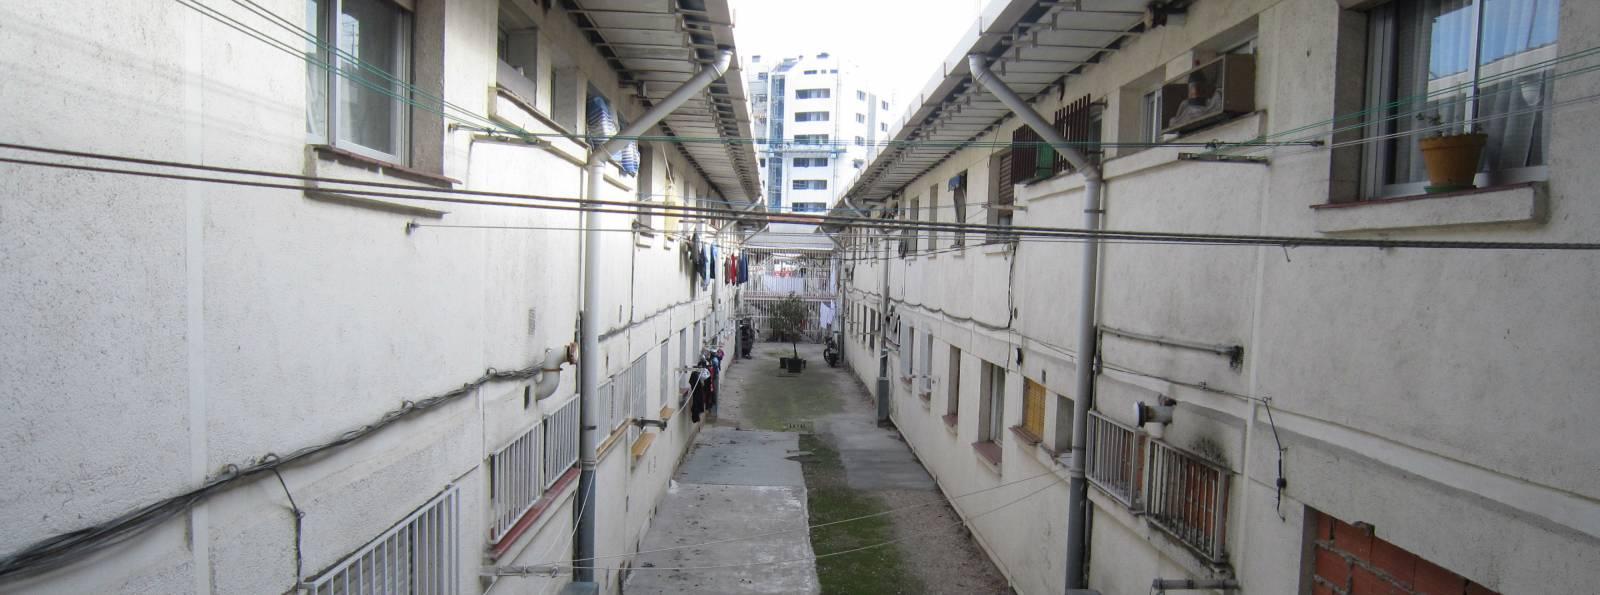 El patio interior de la casa de Gregorio y Enriqueta en la U.V.A.